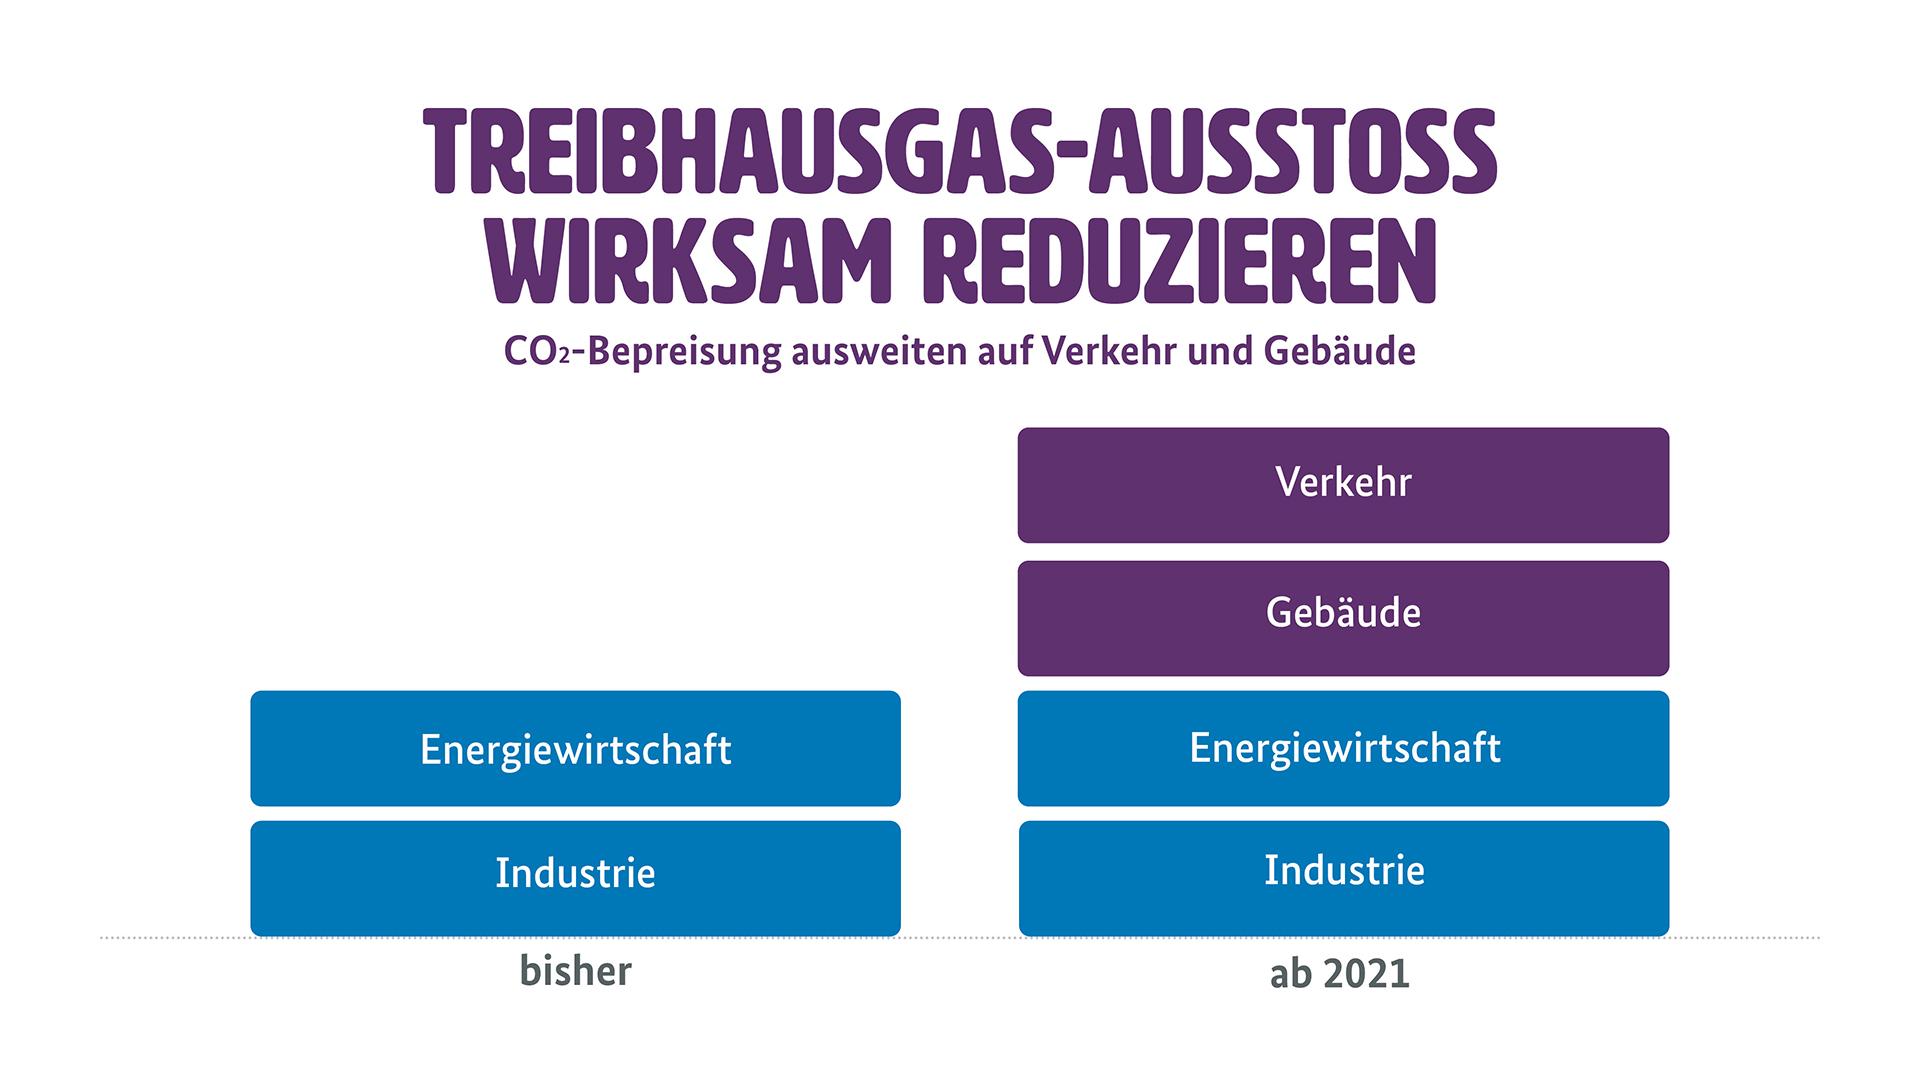 """Grafik zur neuen CO2-Bepreisung für Verkehr und Gebäude (Weitere Beschreibung unterhalb des Bildes ausklappbar als """"ausführliche Beschreibung"""")"""